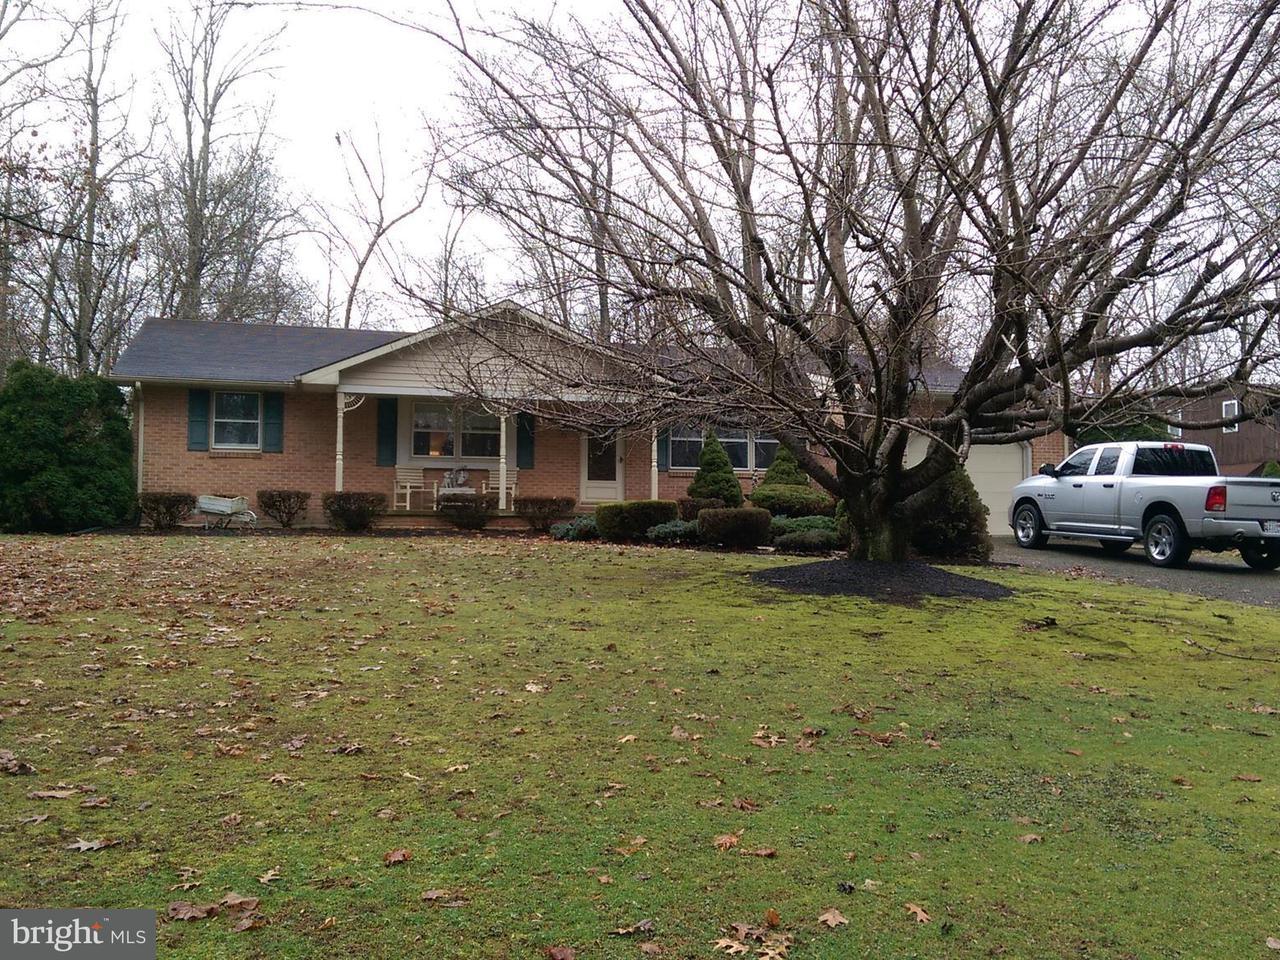 Частный односемейный дом для того Продажа на 85 Westwood Road 85 Westwood Road Rising Sun, Мэриленд 21911 Соединенные Штаты